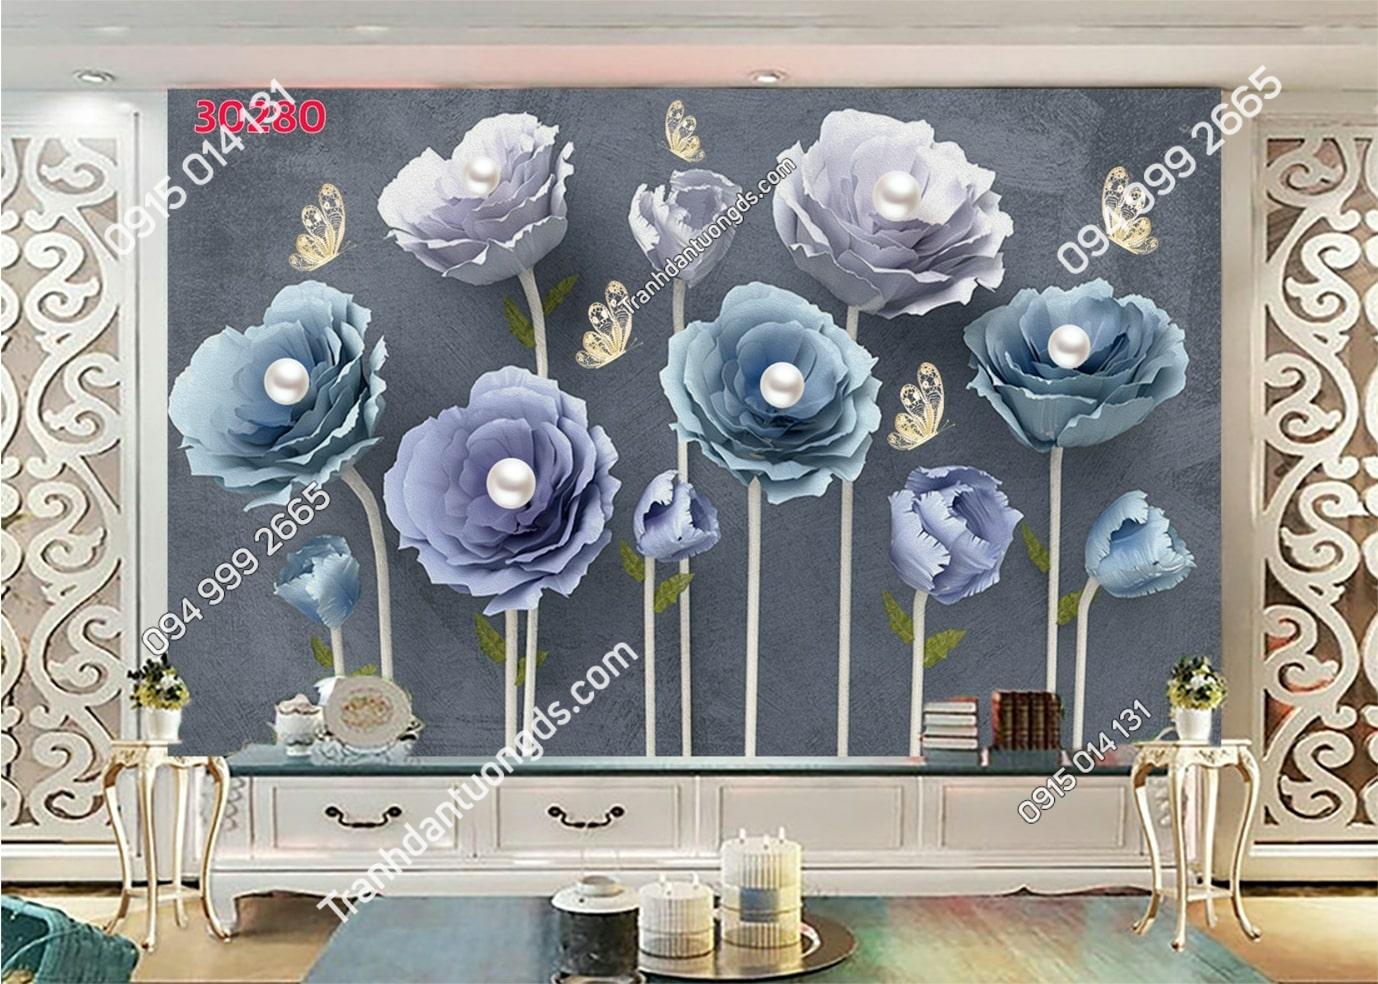 Tranh dán tường hoa 3d màu xanh tím 30280